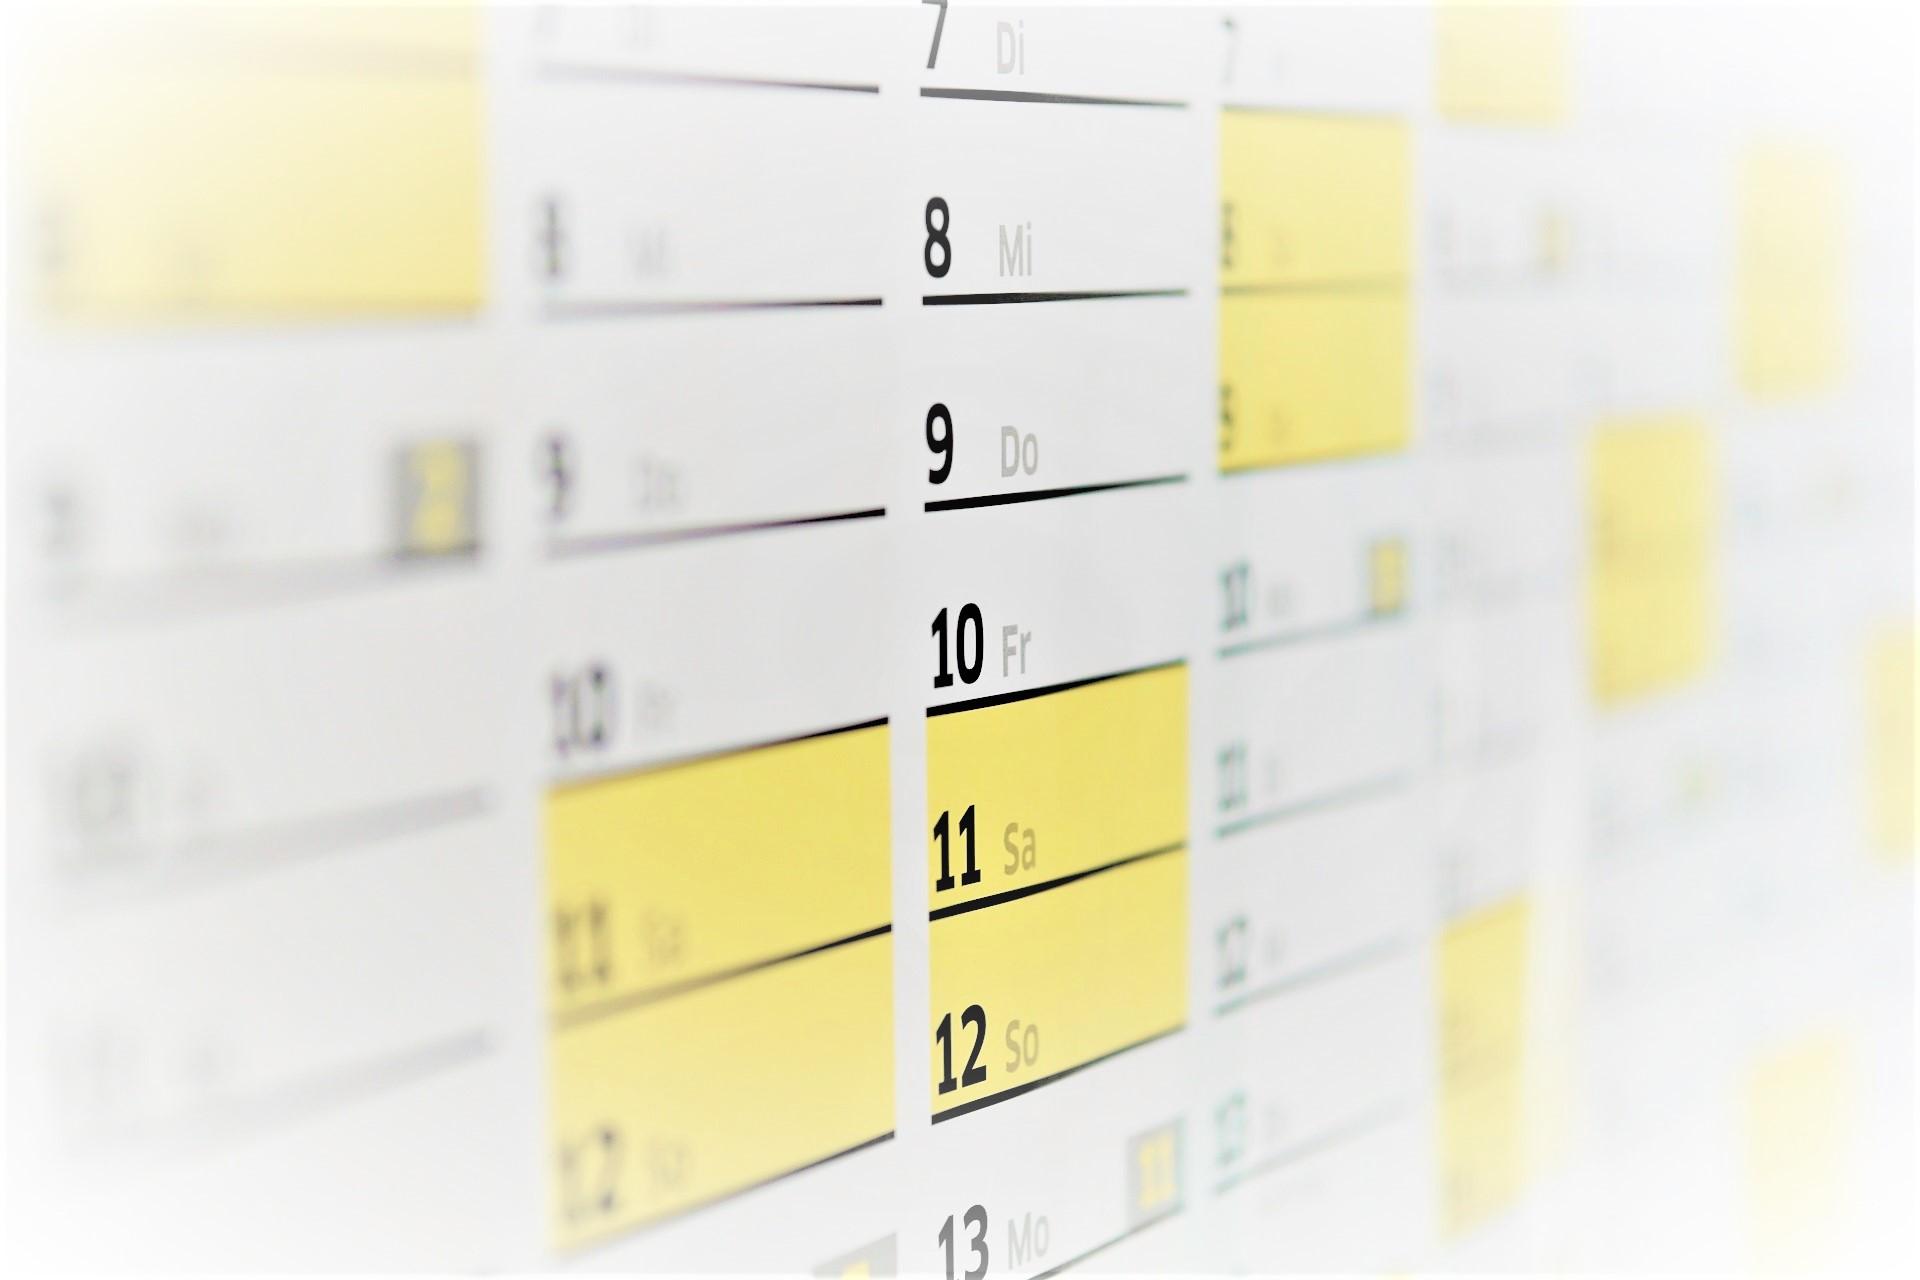 【シフト表作り】月日の入力を完全自動化しよう